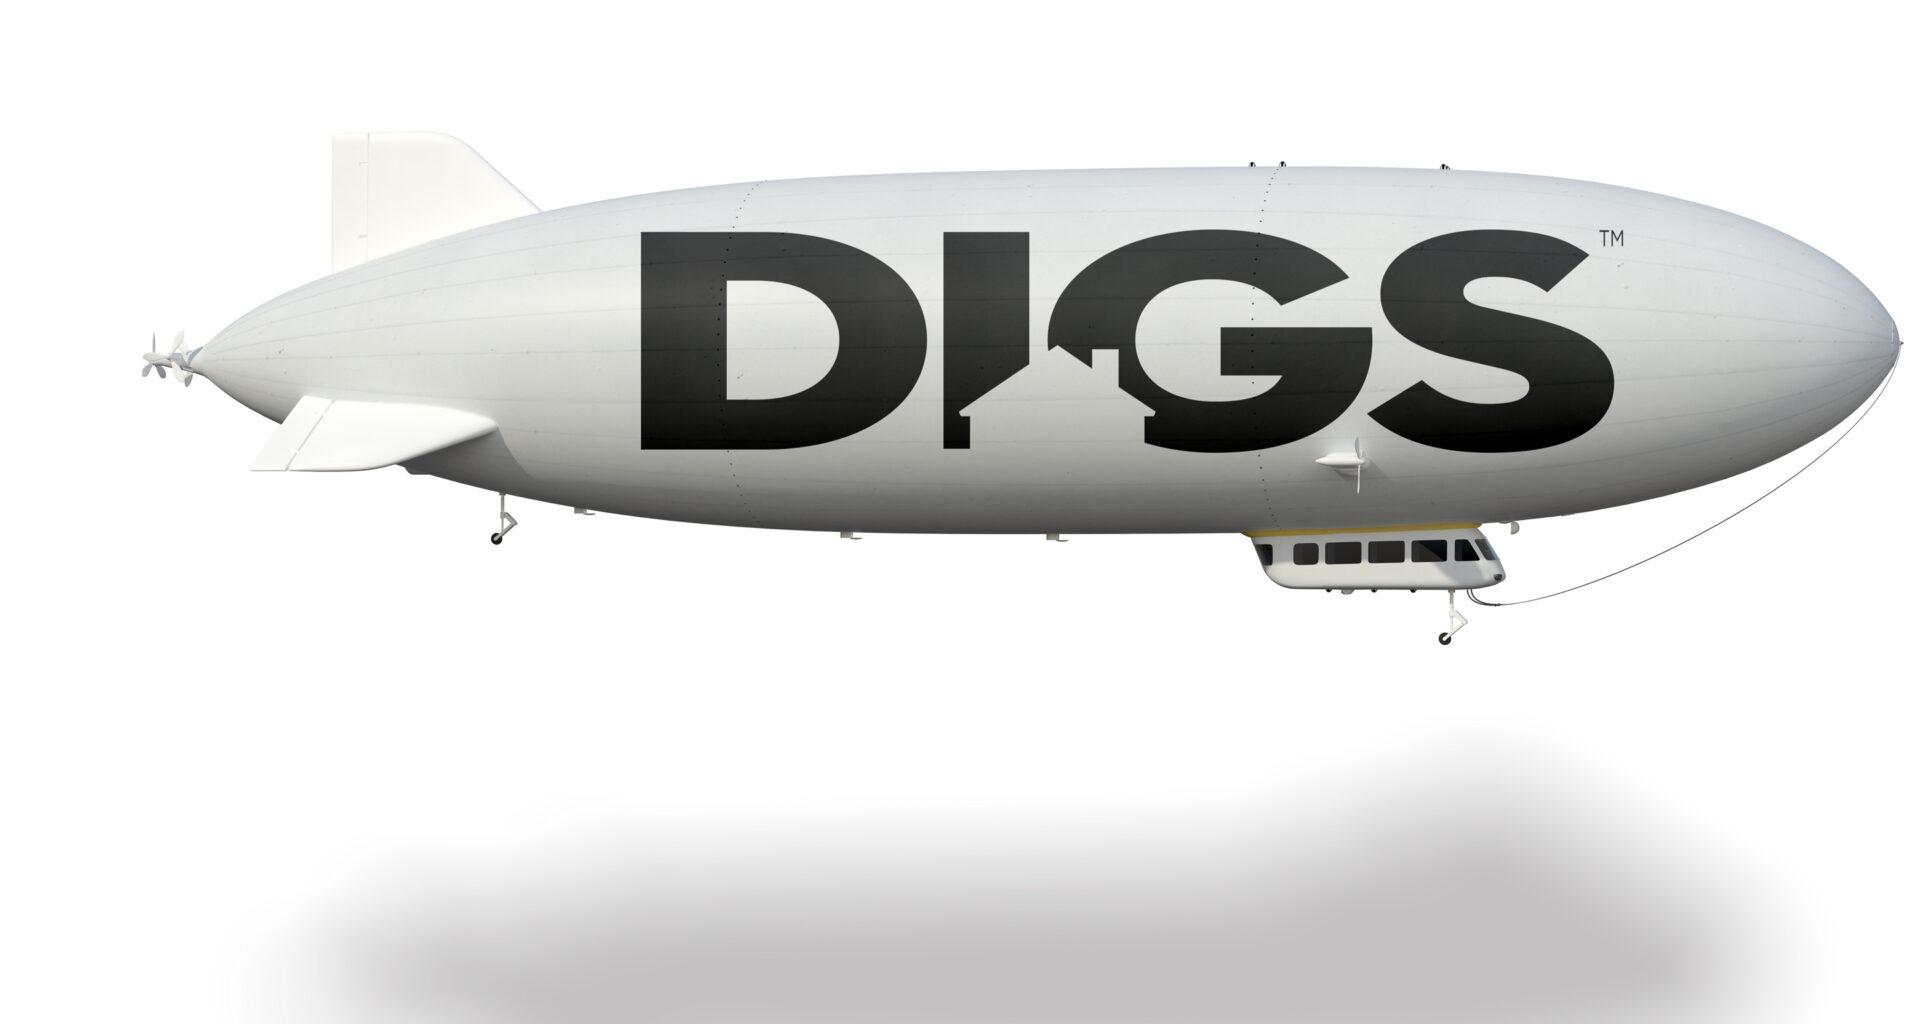 blimp advertising DIGS logo